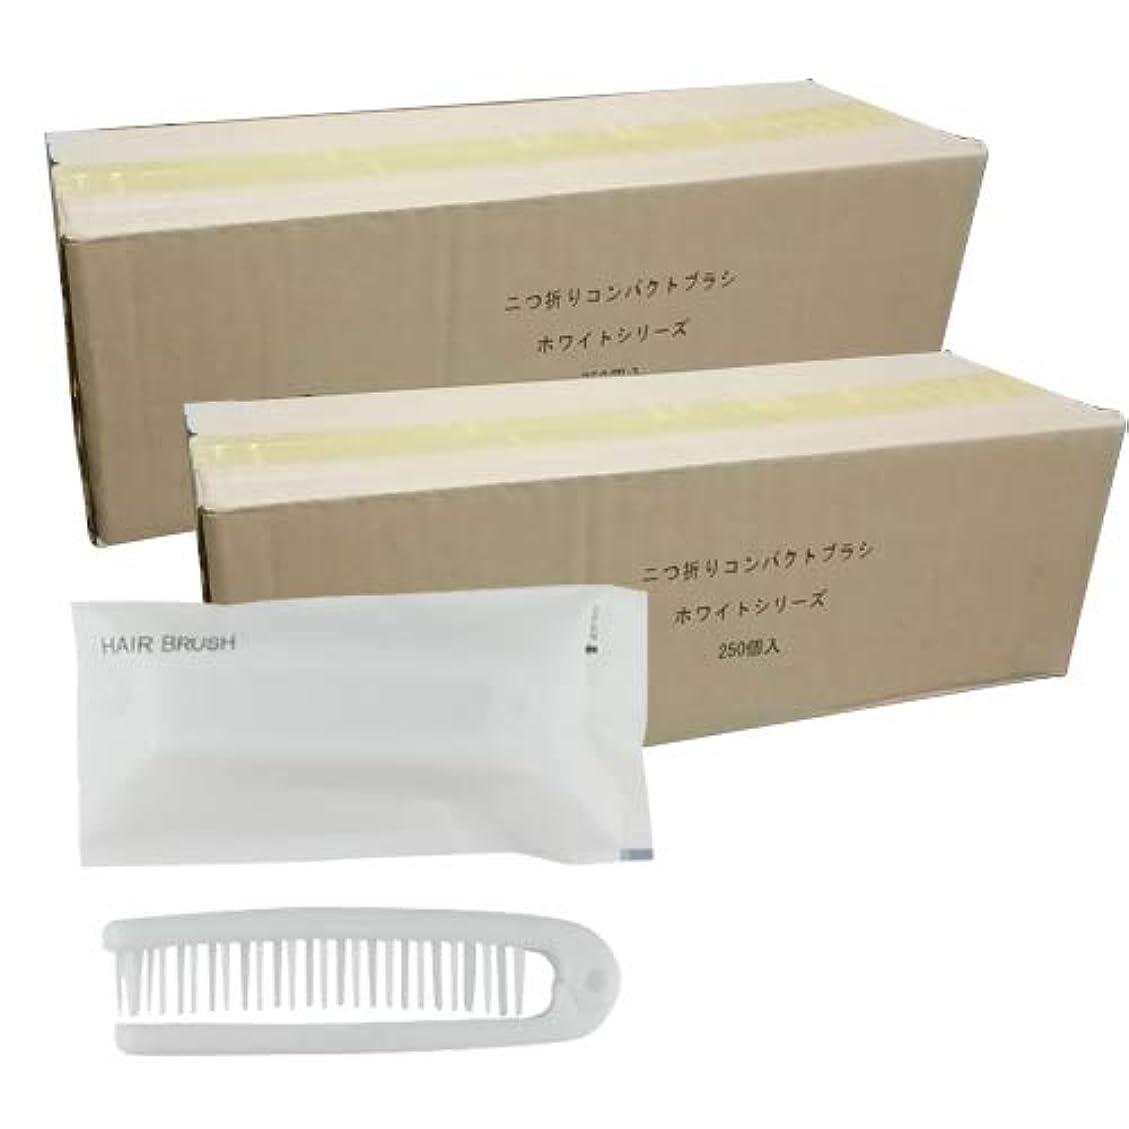 広範囲に火曜日レイアホテルアメニティ 使い捨てヘアブラシ 個包装タイプ 業務用 二つ折りスケルトンヘアーブラシ ×500個セット (FOLDING HAIR BRUSH)